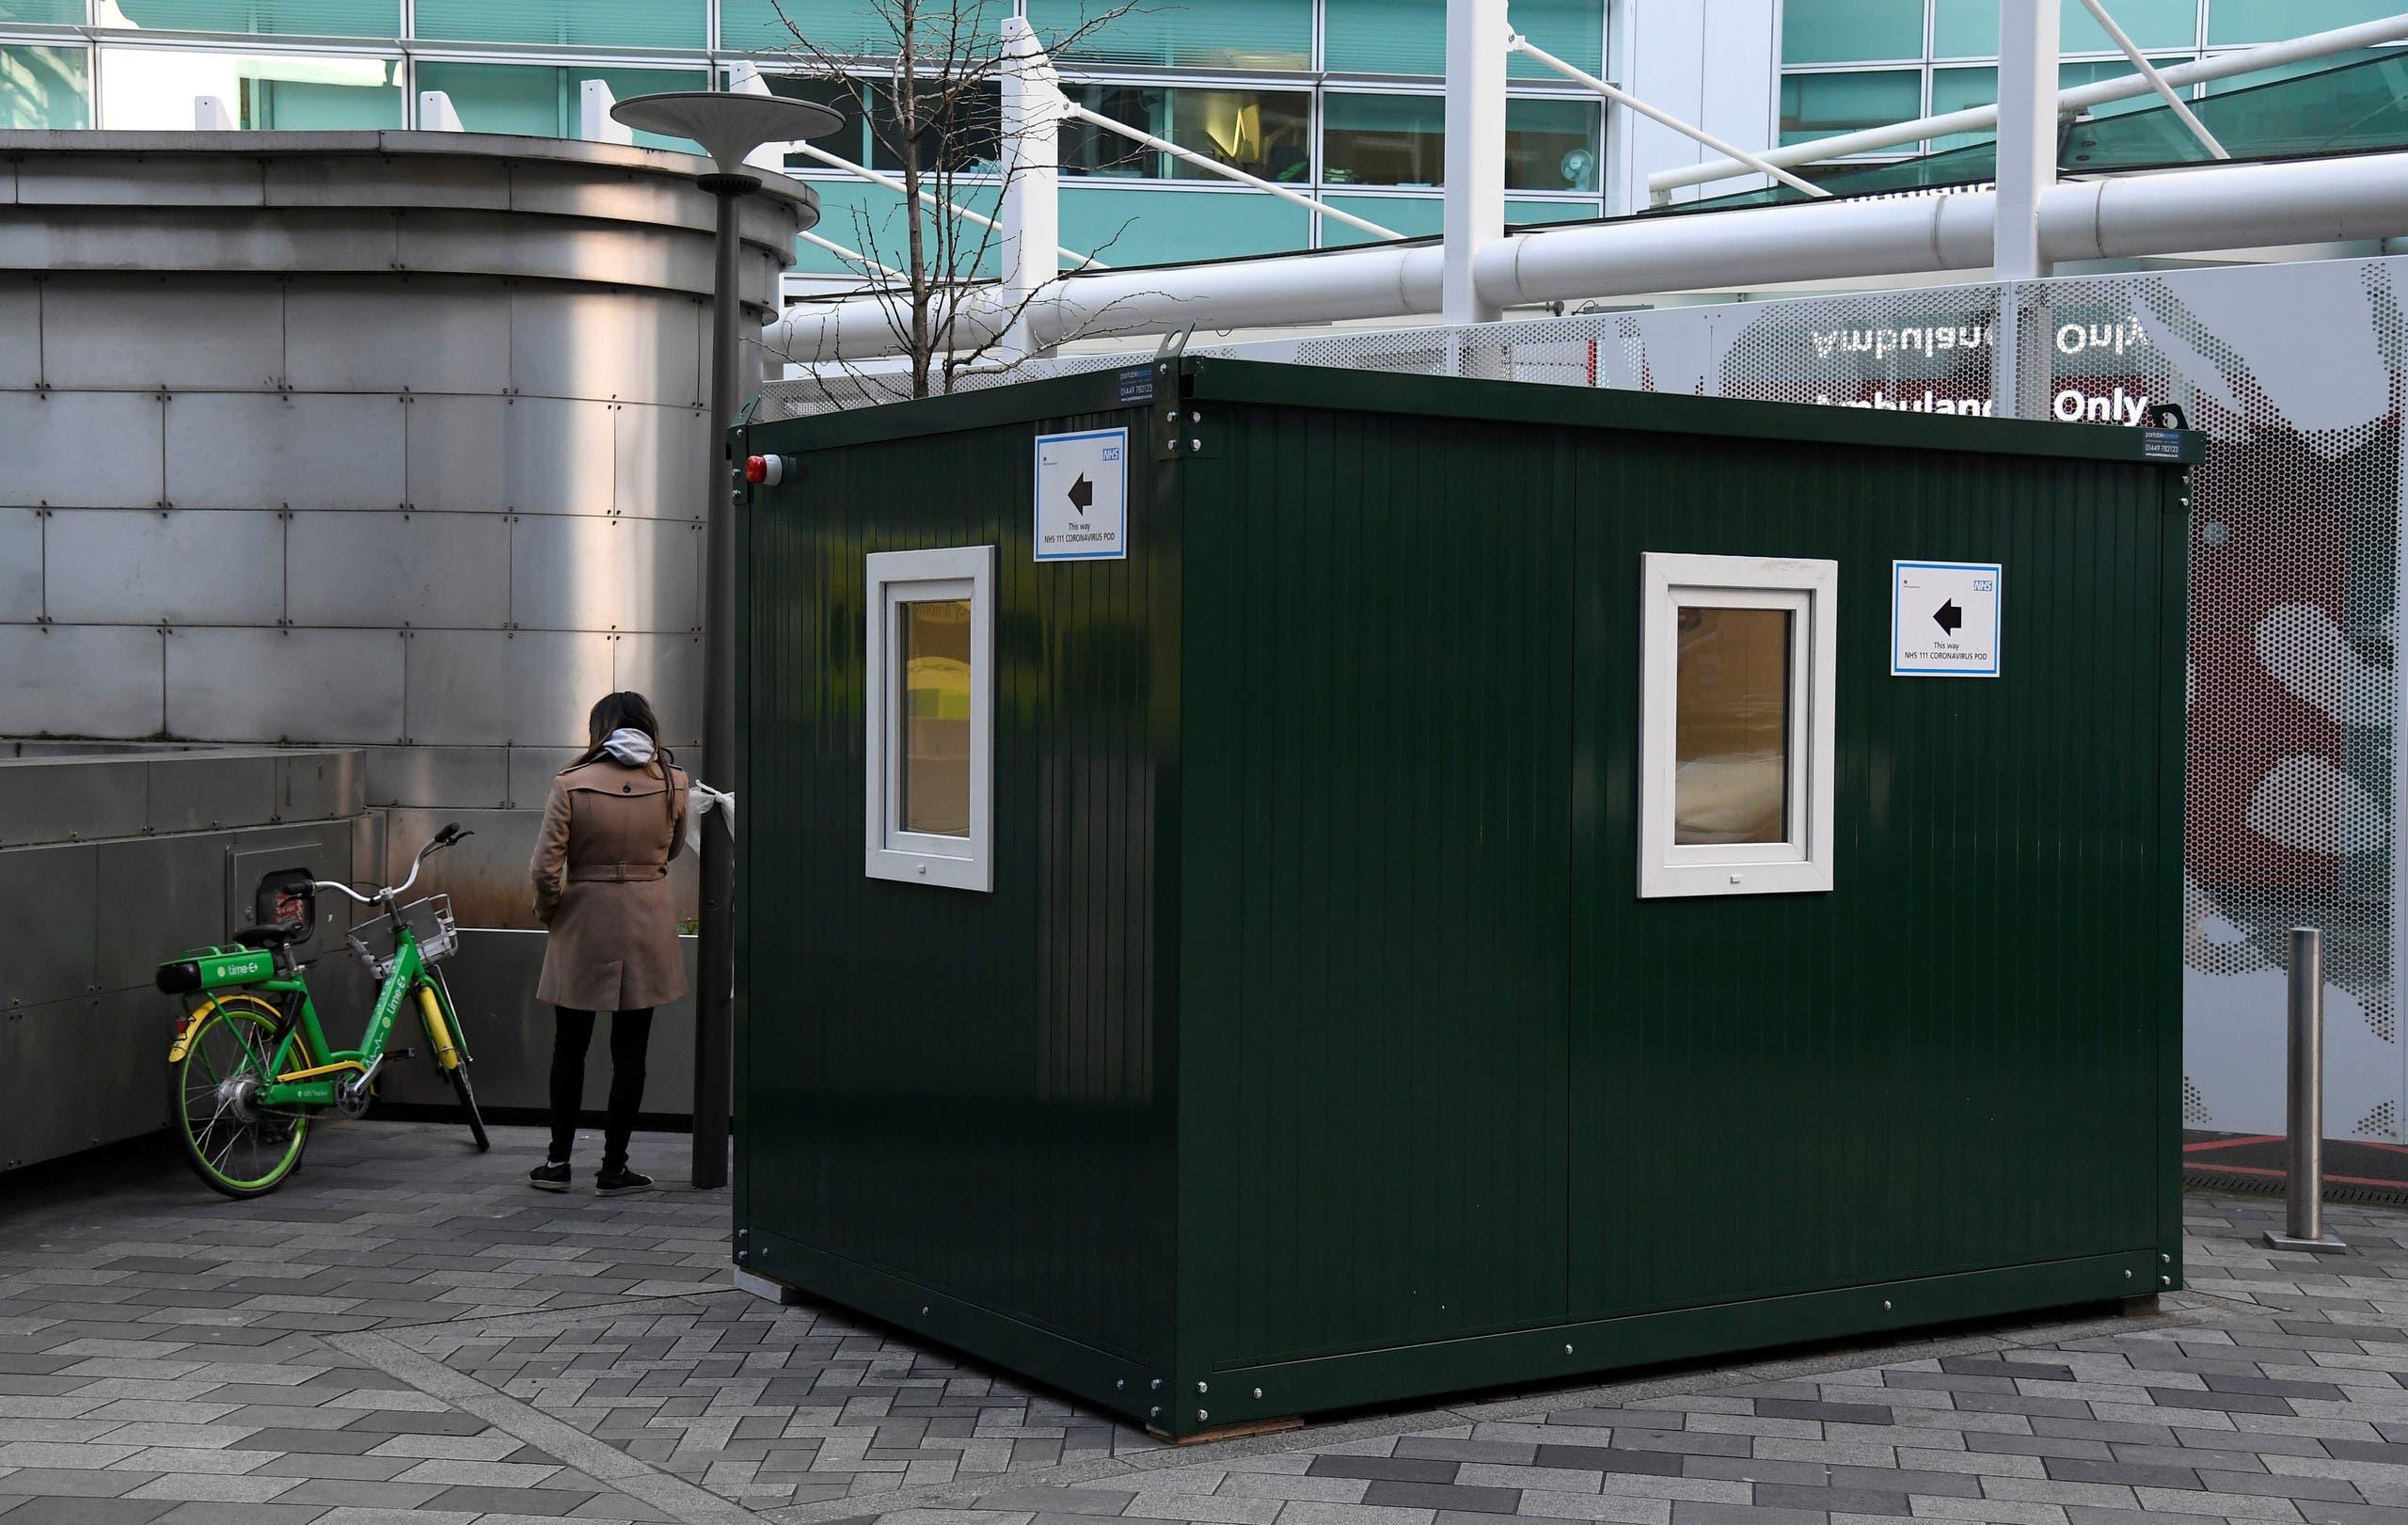 مركز طبي خارجي تم إنشاؤه خصيصاً للمصابين بفيروس كورونا أمام مستشفى في لندن